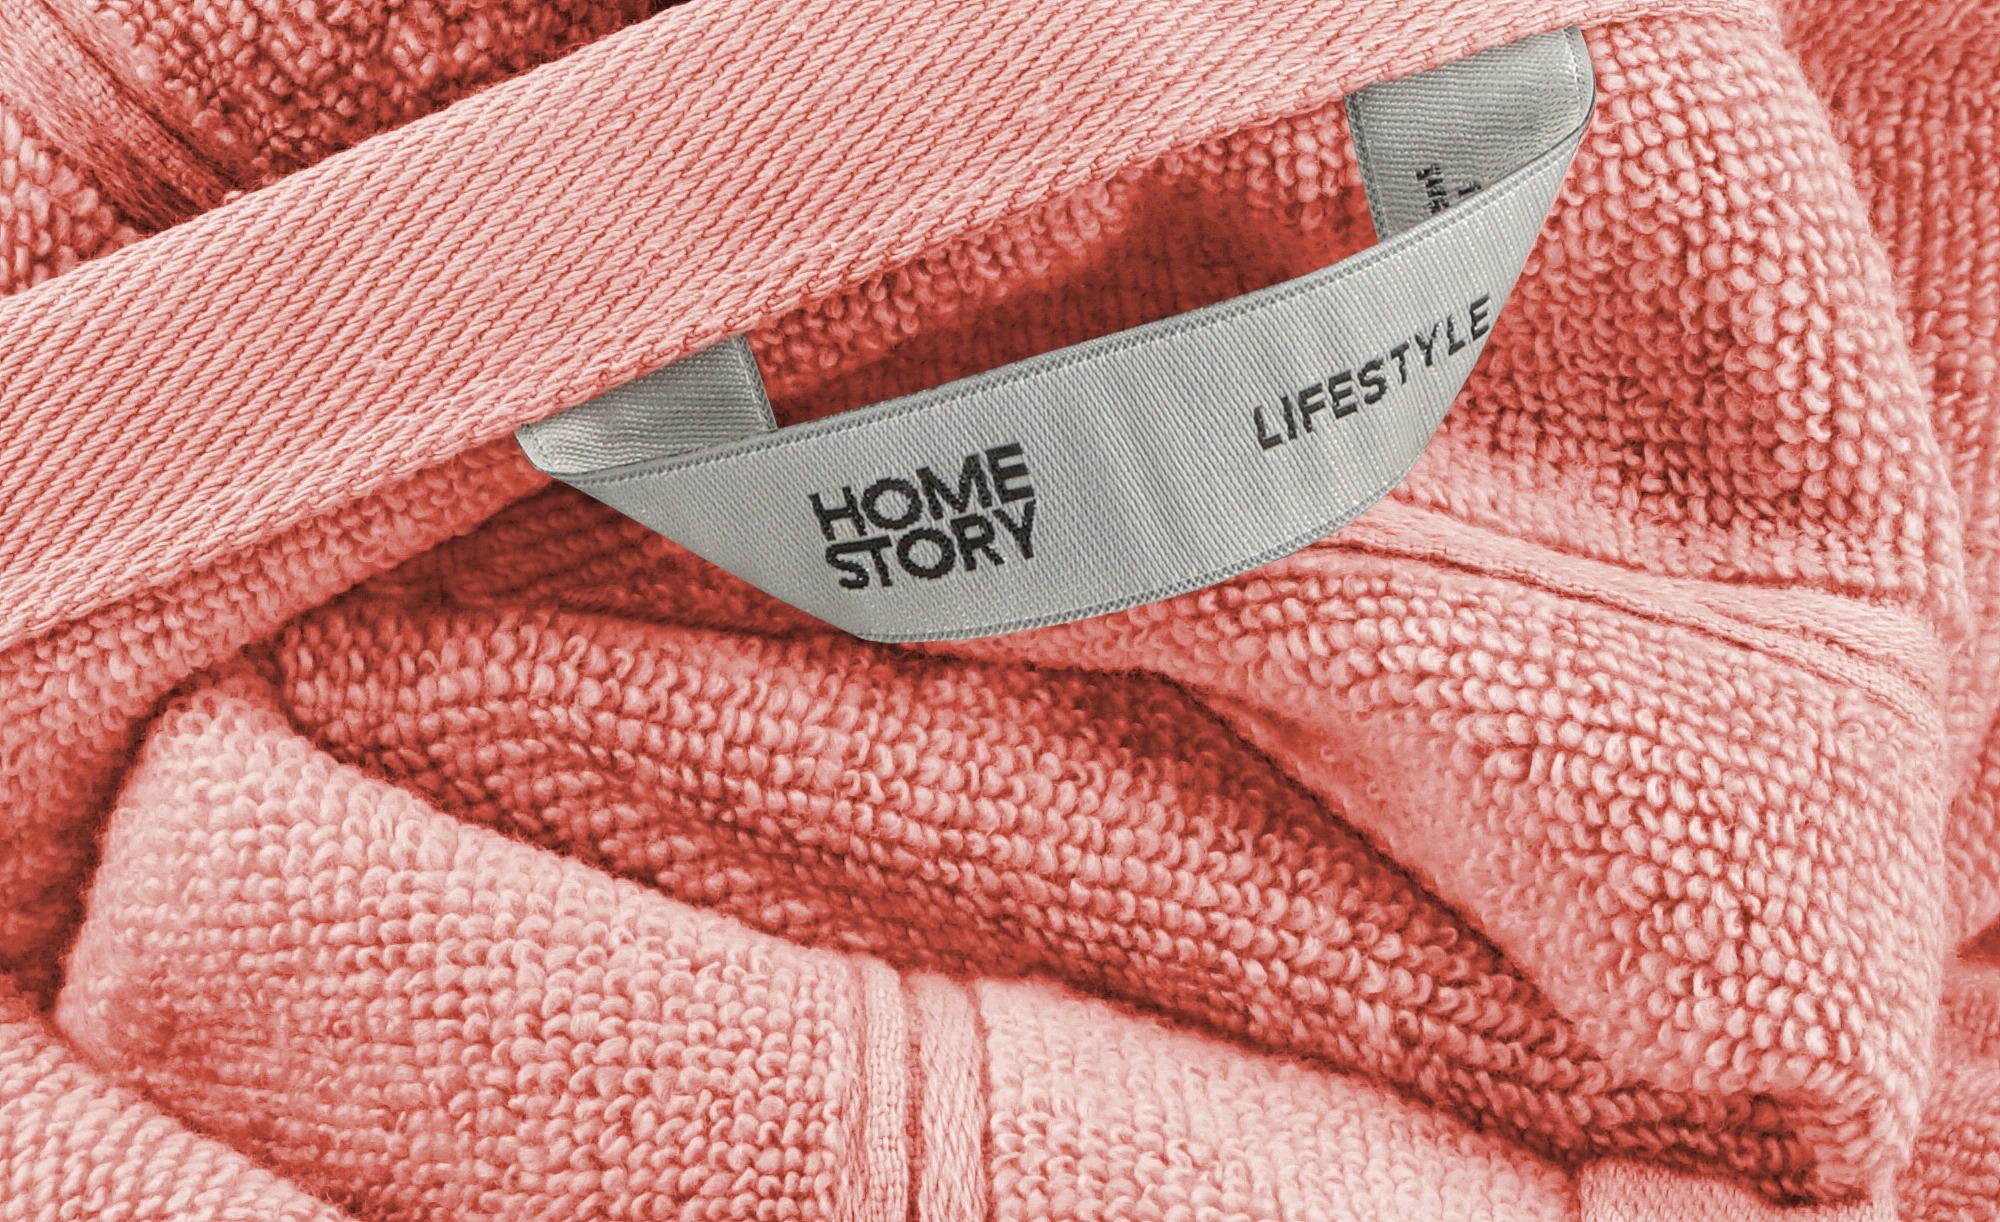 HOME STORY Badetuch  Lifestyle ¦ orange ¦ reine Baumwolle ¦ Maße (cm): B: 100 Badtextilien und Zubehör > Handtücher & Badetücher > Badetücher & Saunatücher - Höffner